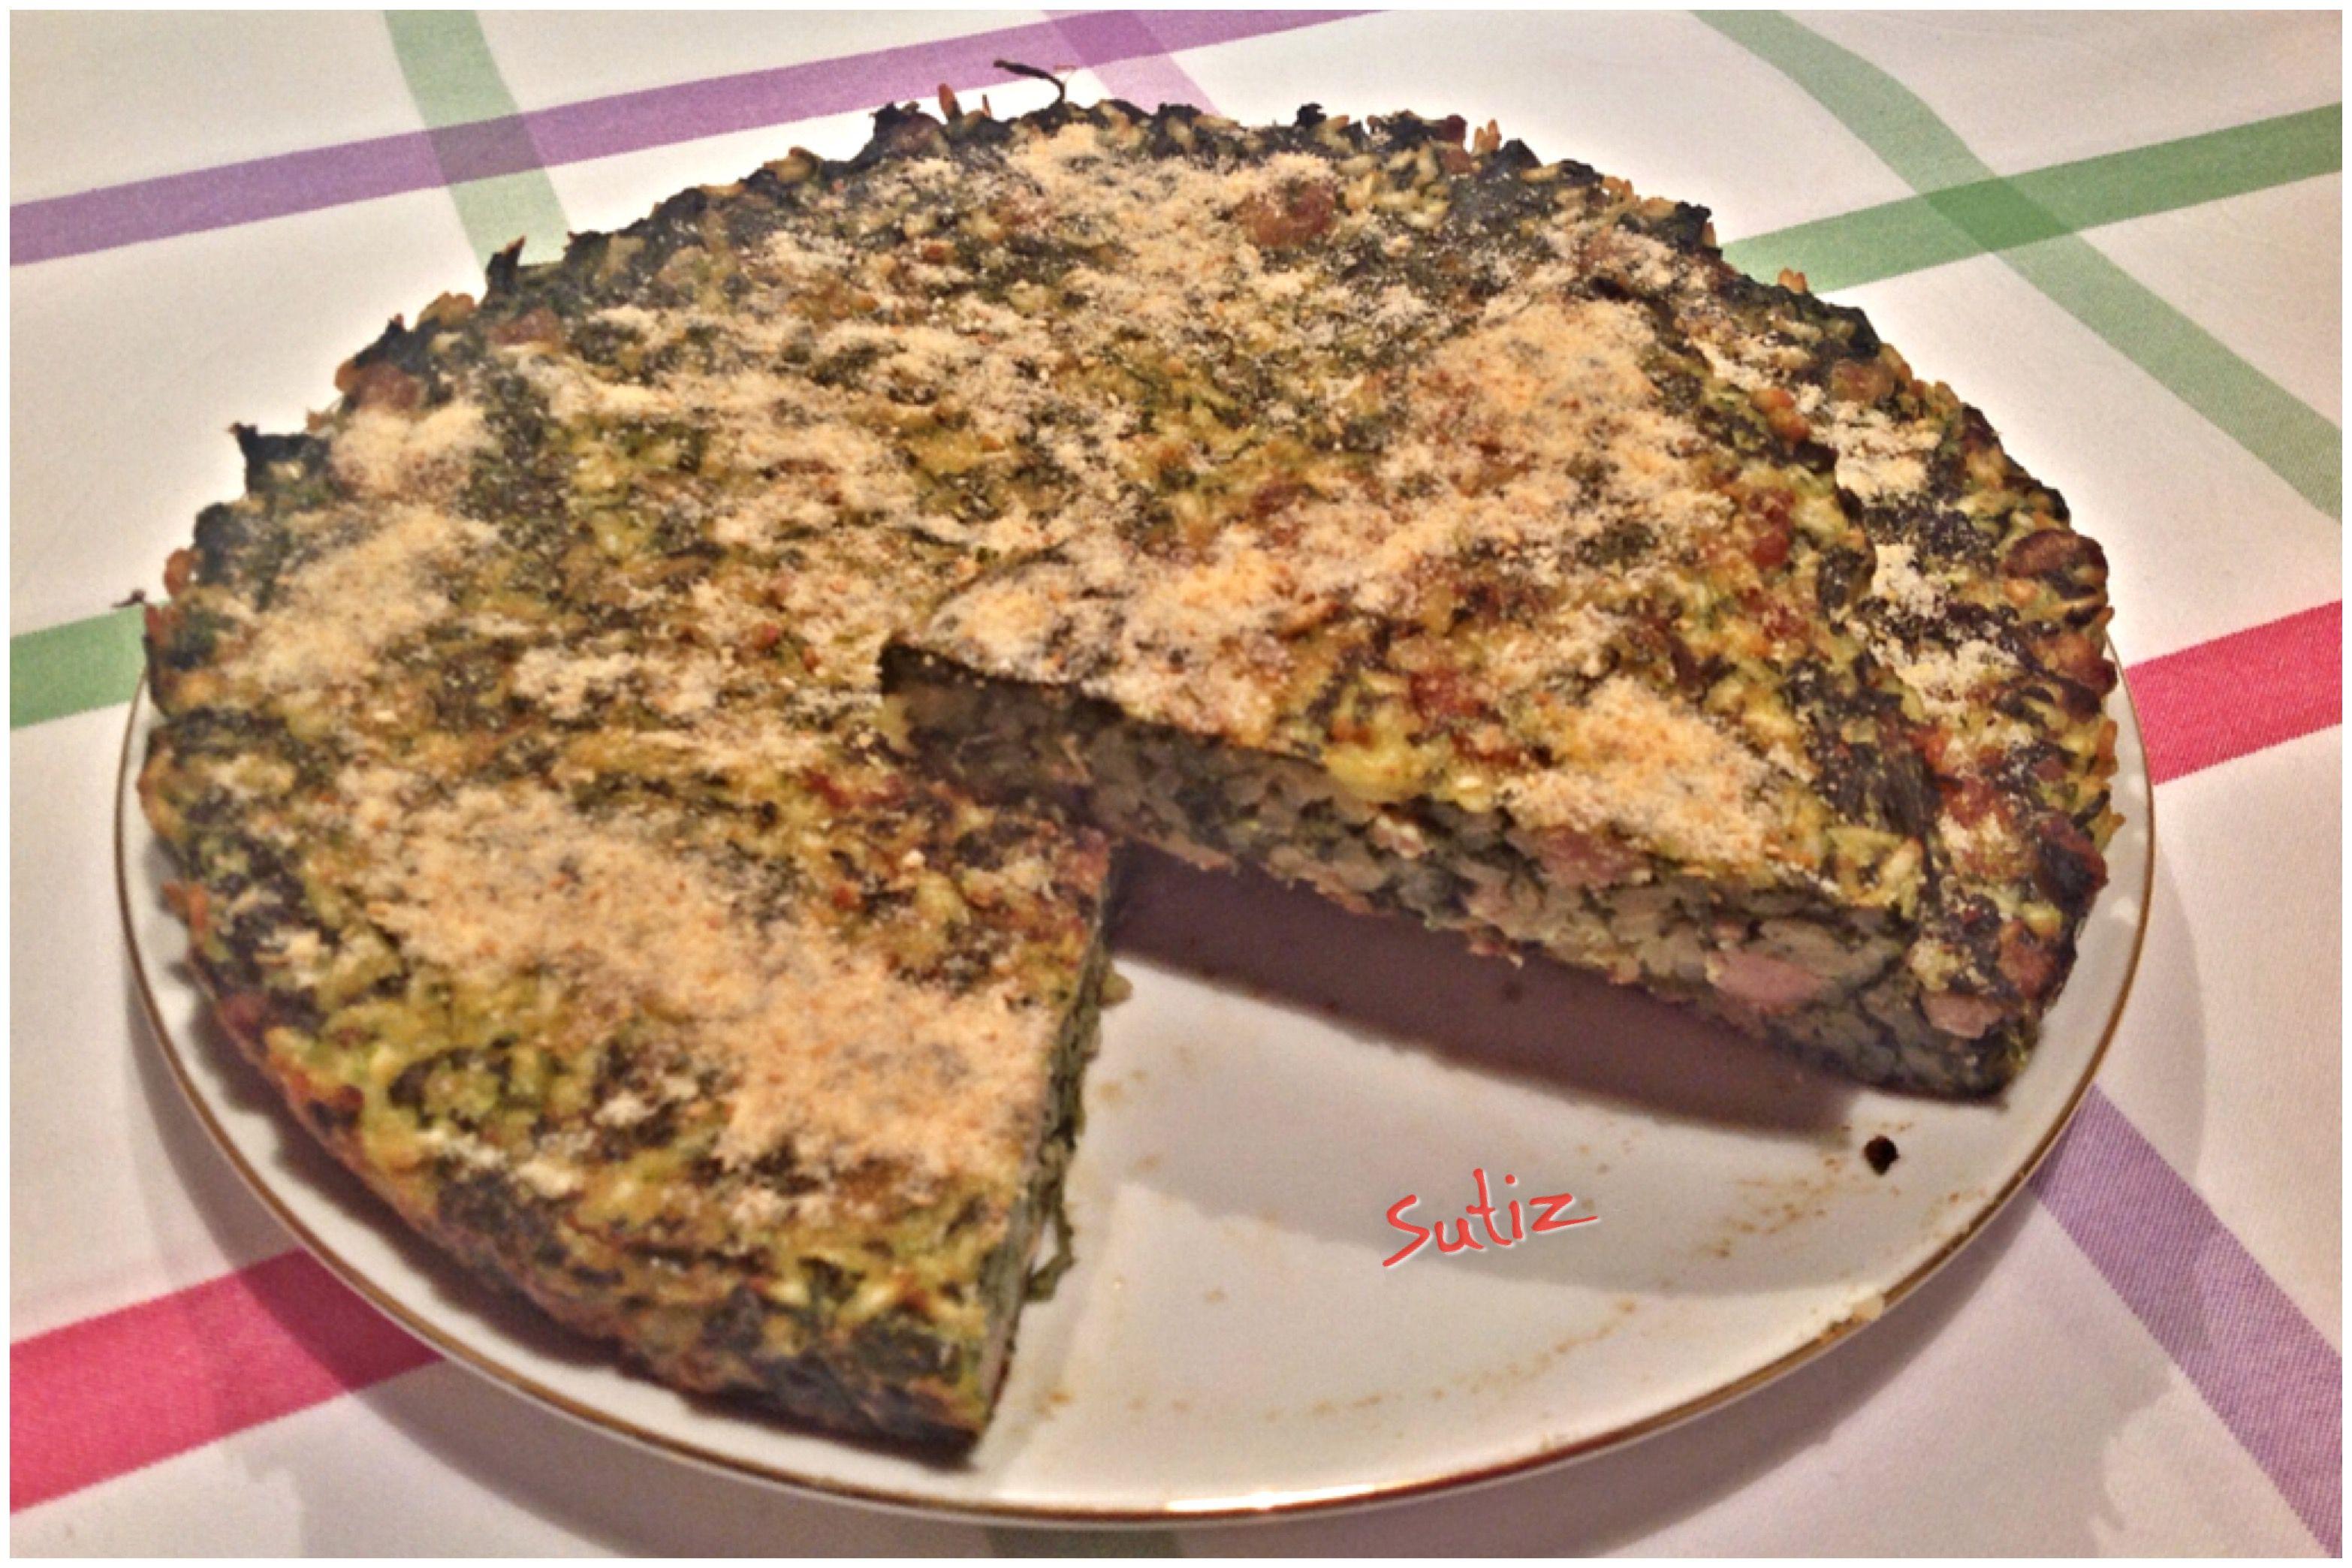 Torta di riso con spinaci e salsiccia sutiz cucinare for Cucinare 5 minuti